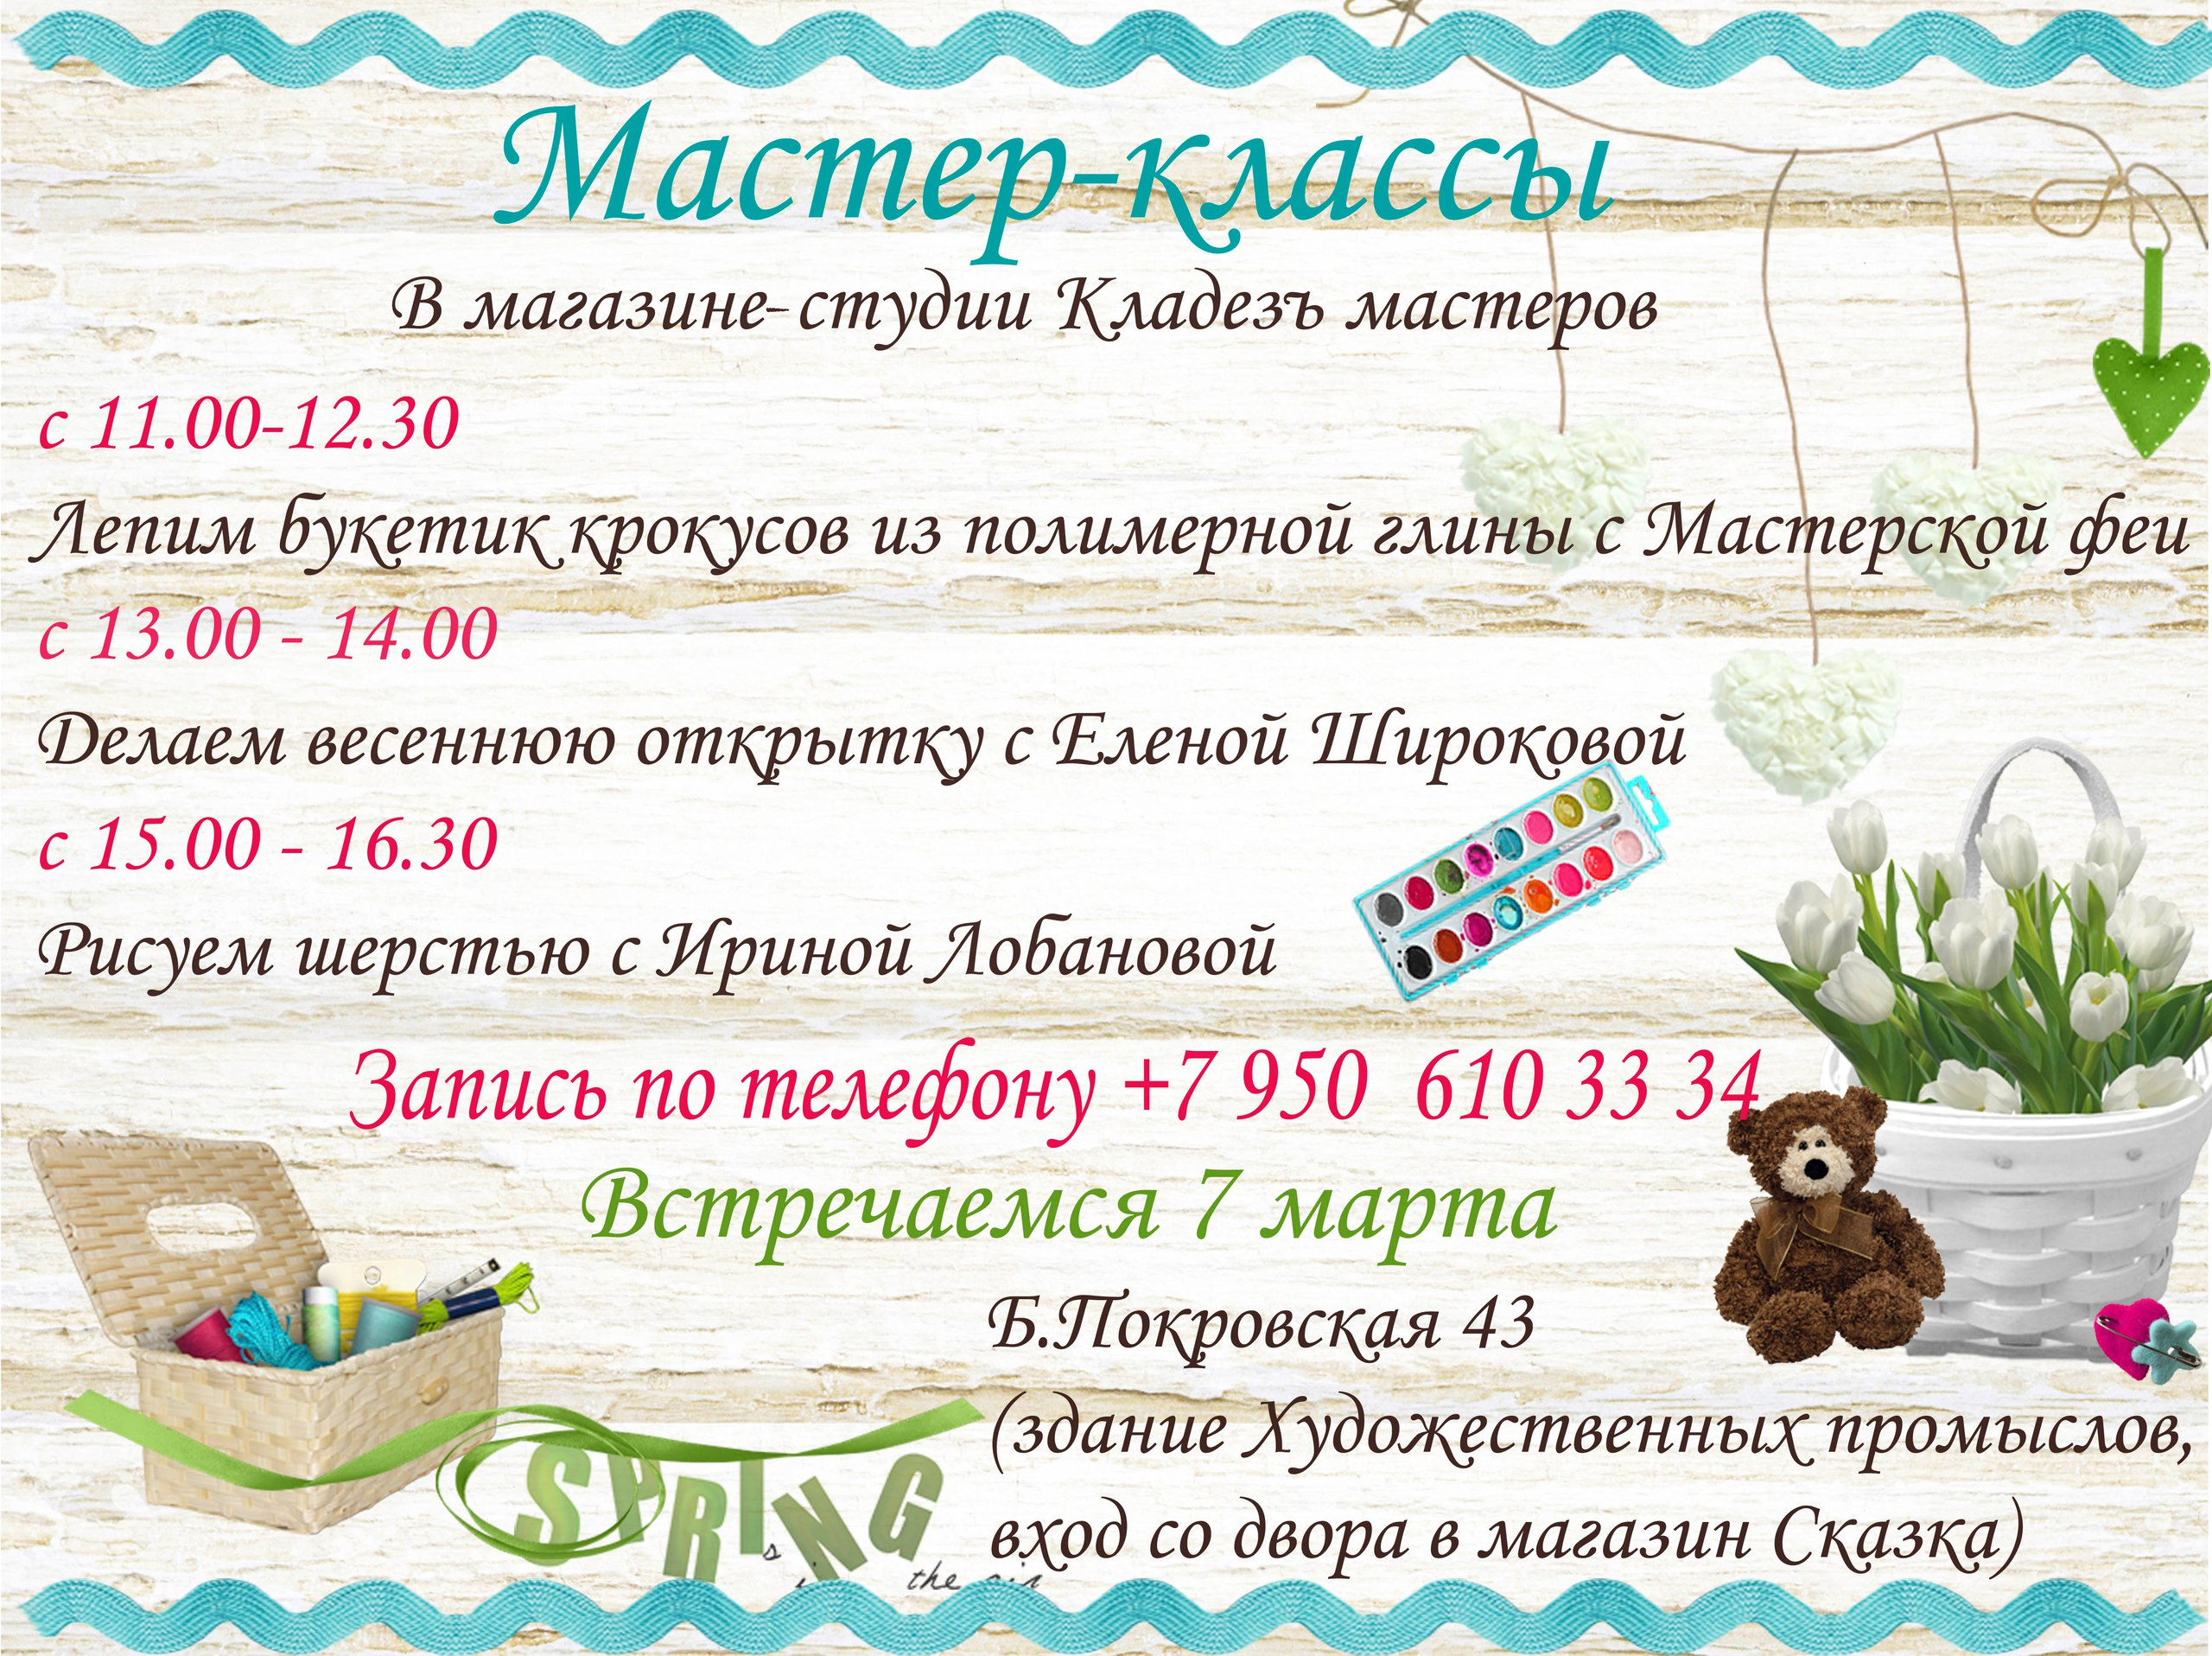 Вся информация про Творческий девичник 7 марта в